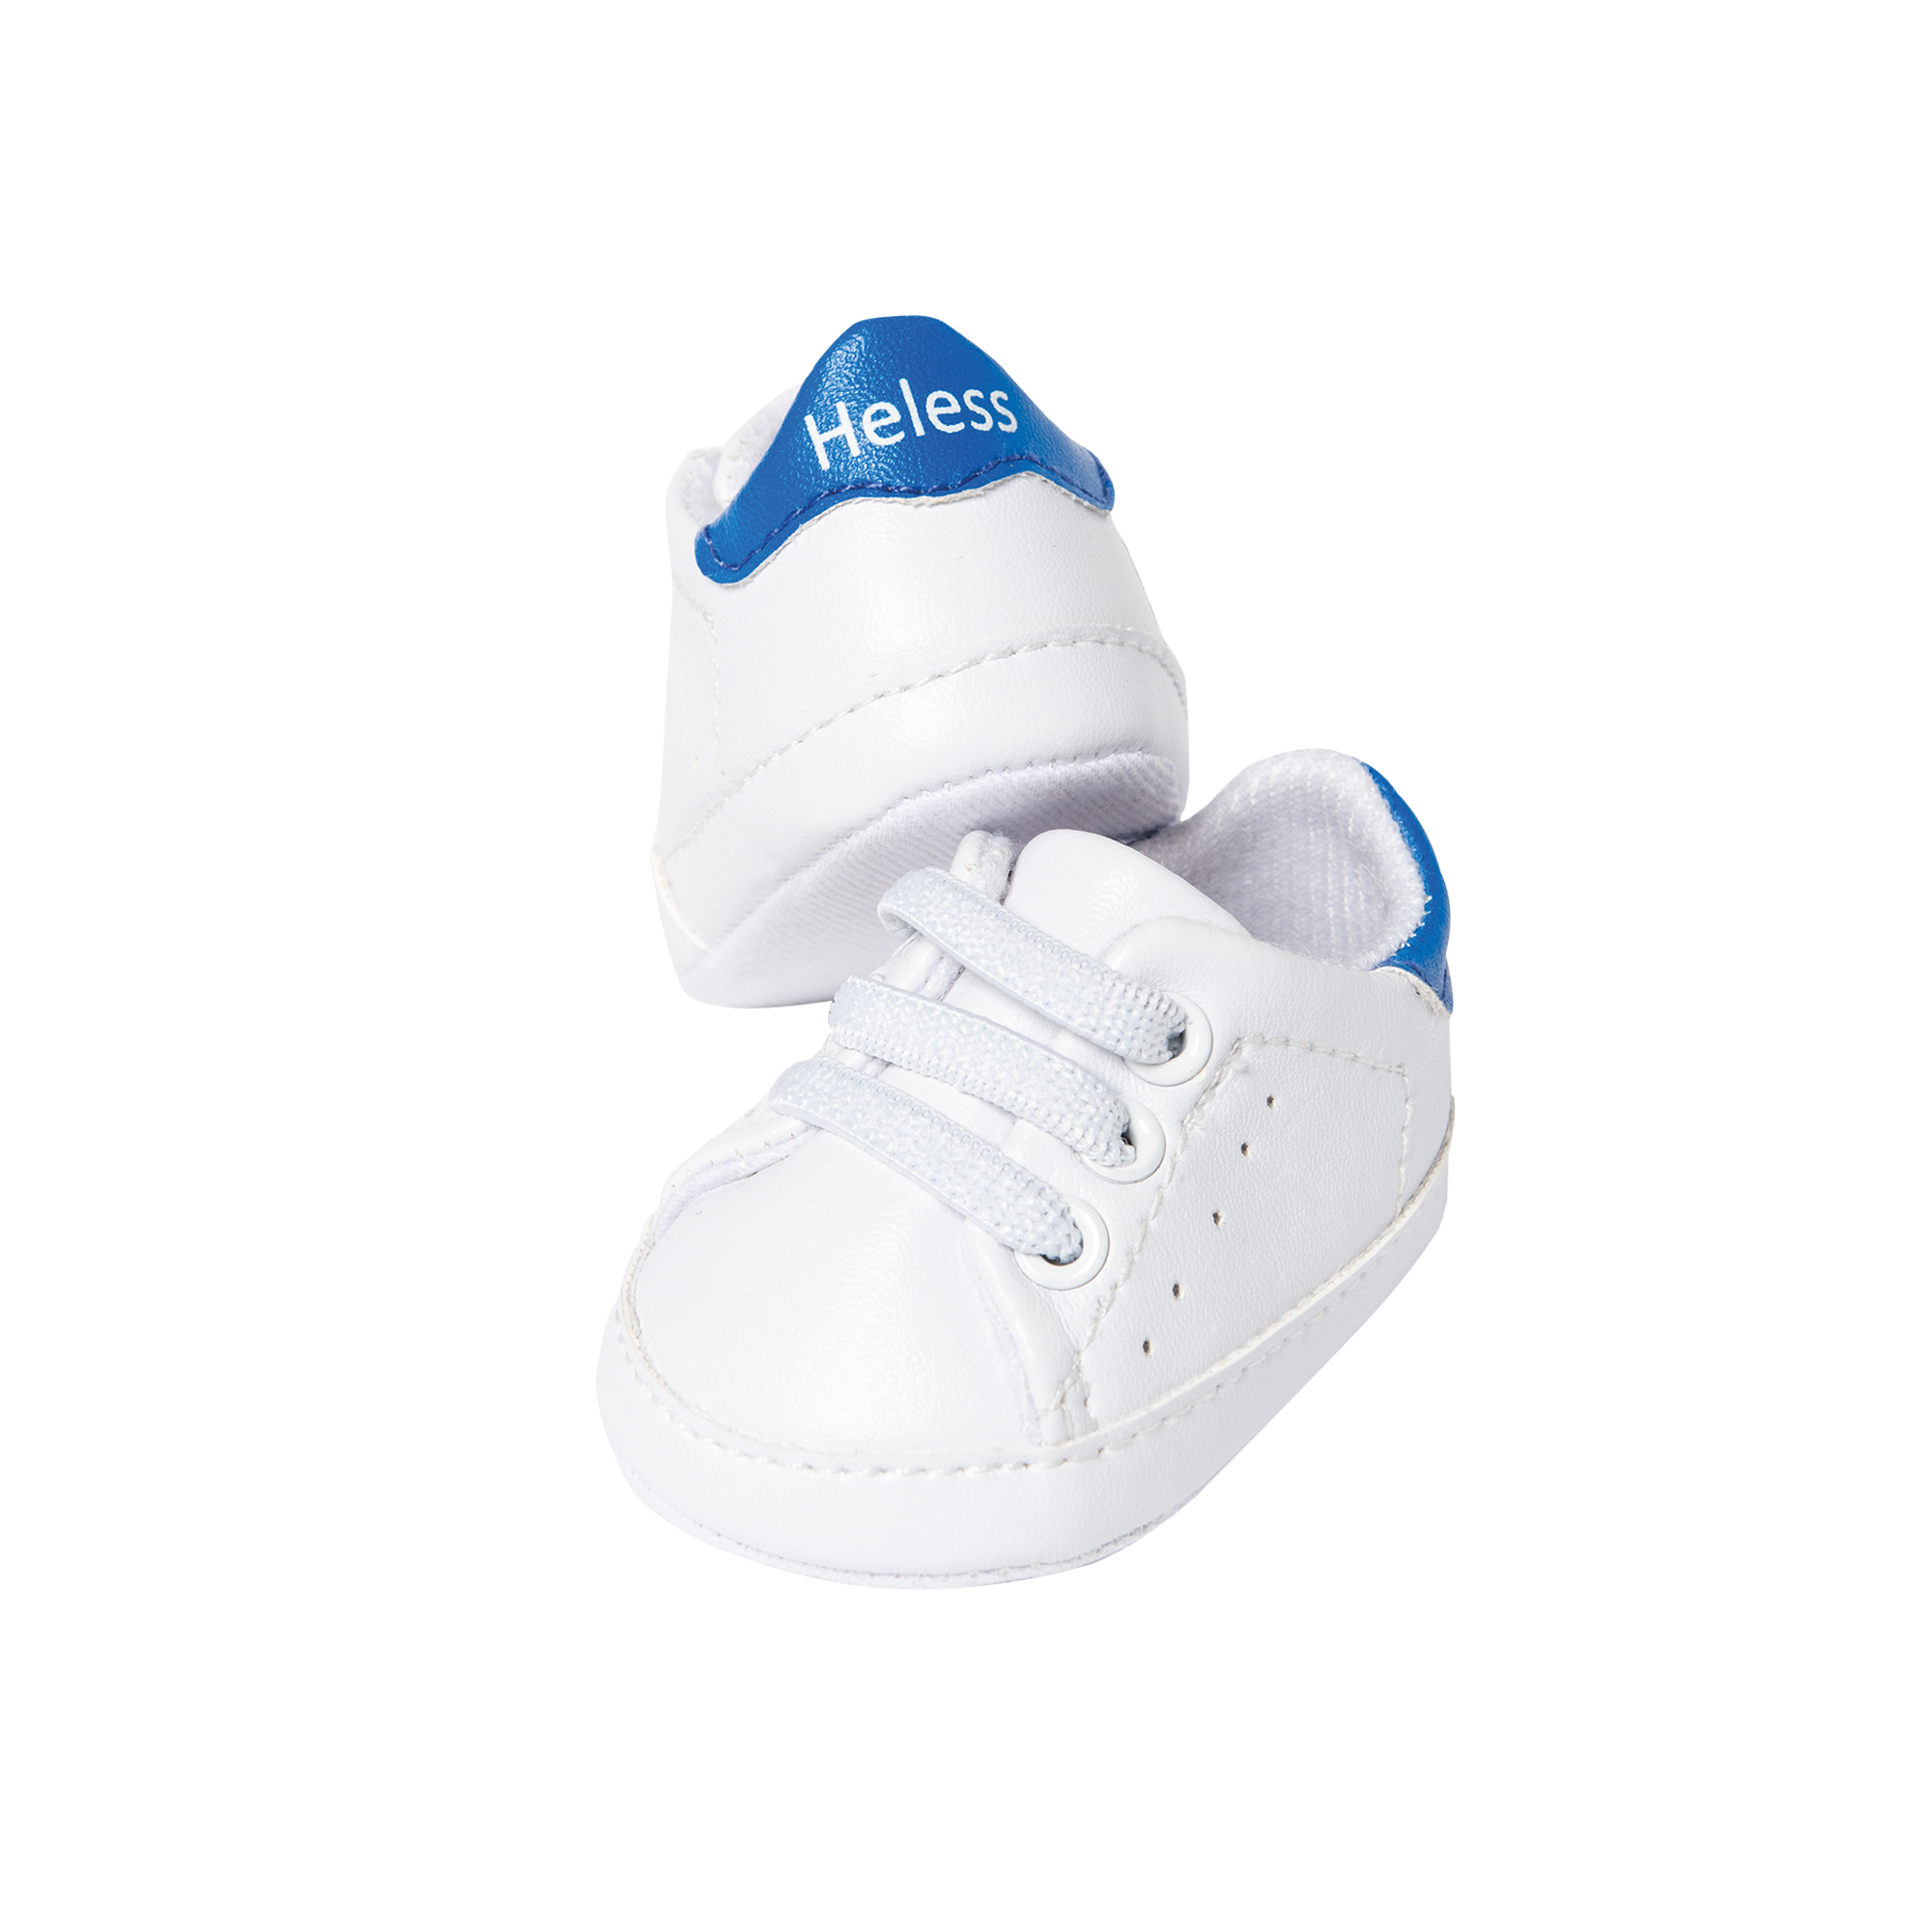 Weiße Sneakers, Gr. 38-45 cm